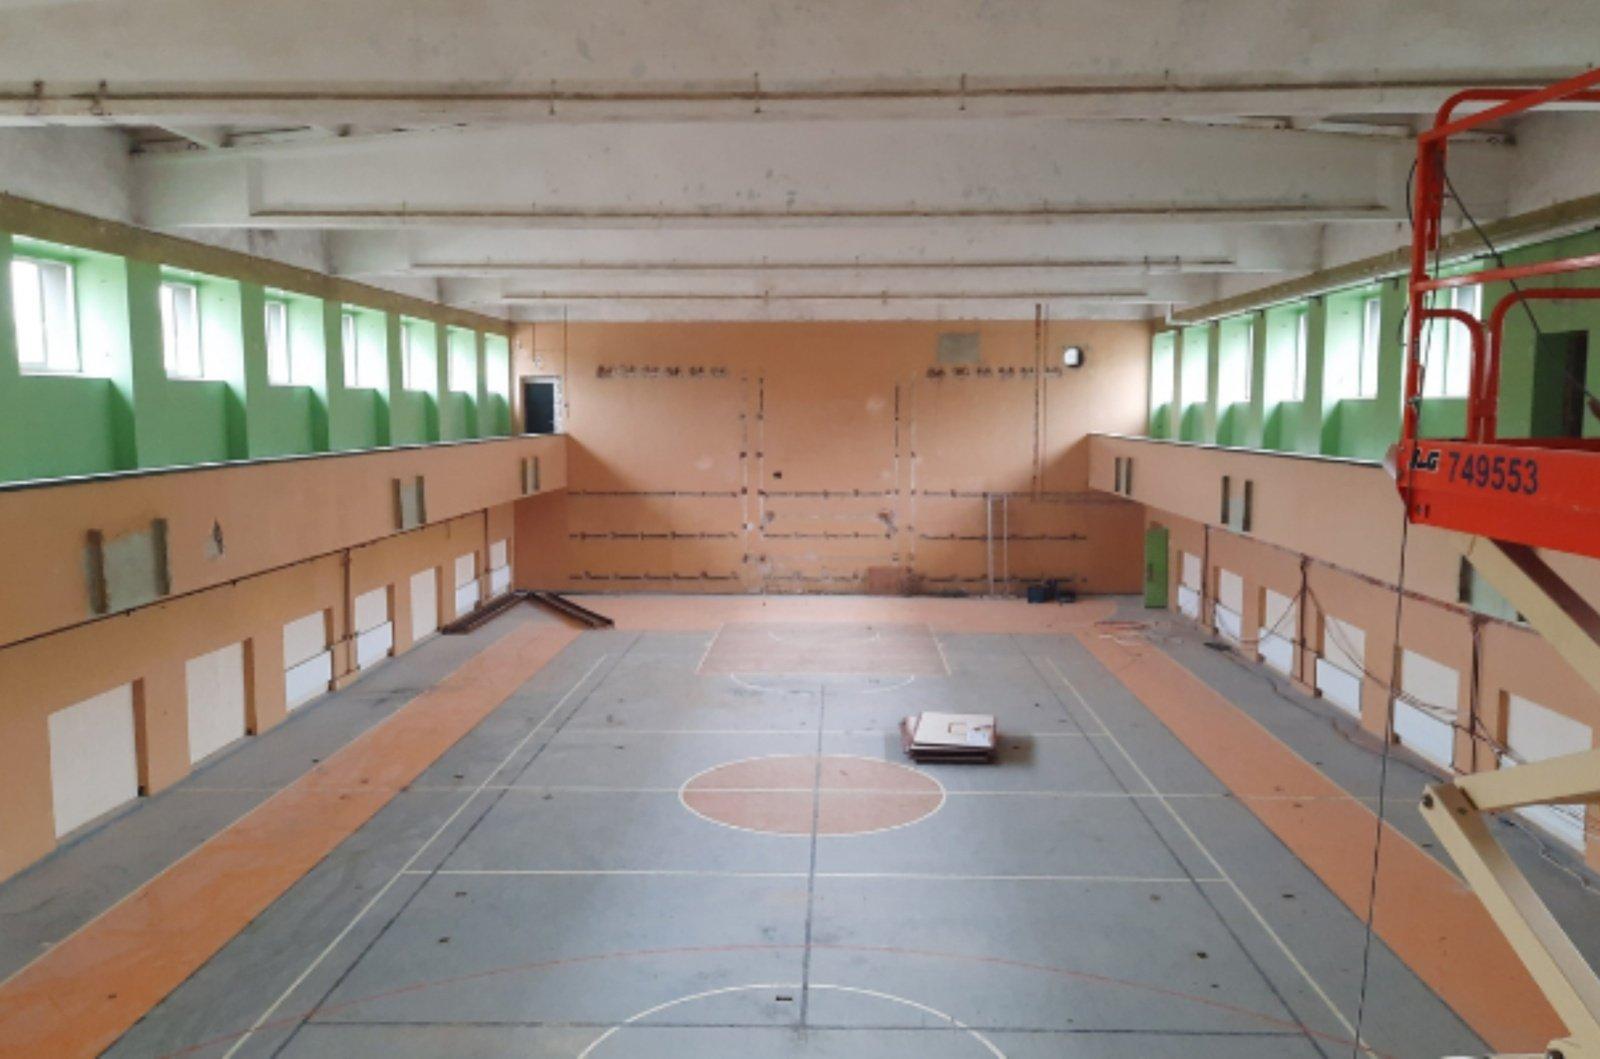 Tauragės Martyno Mažvydo progimnazijoje atnaujinama sporto salė